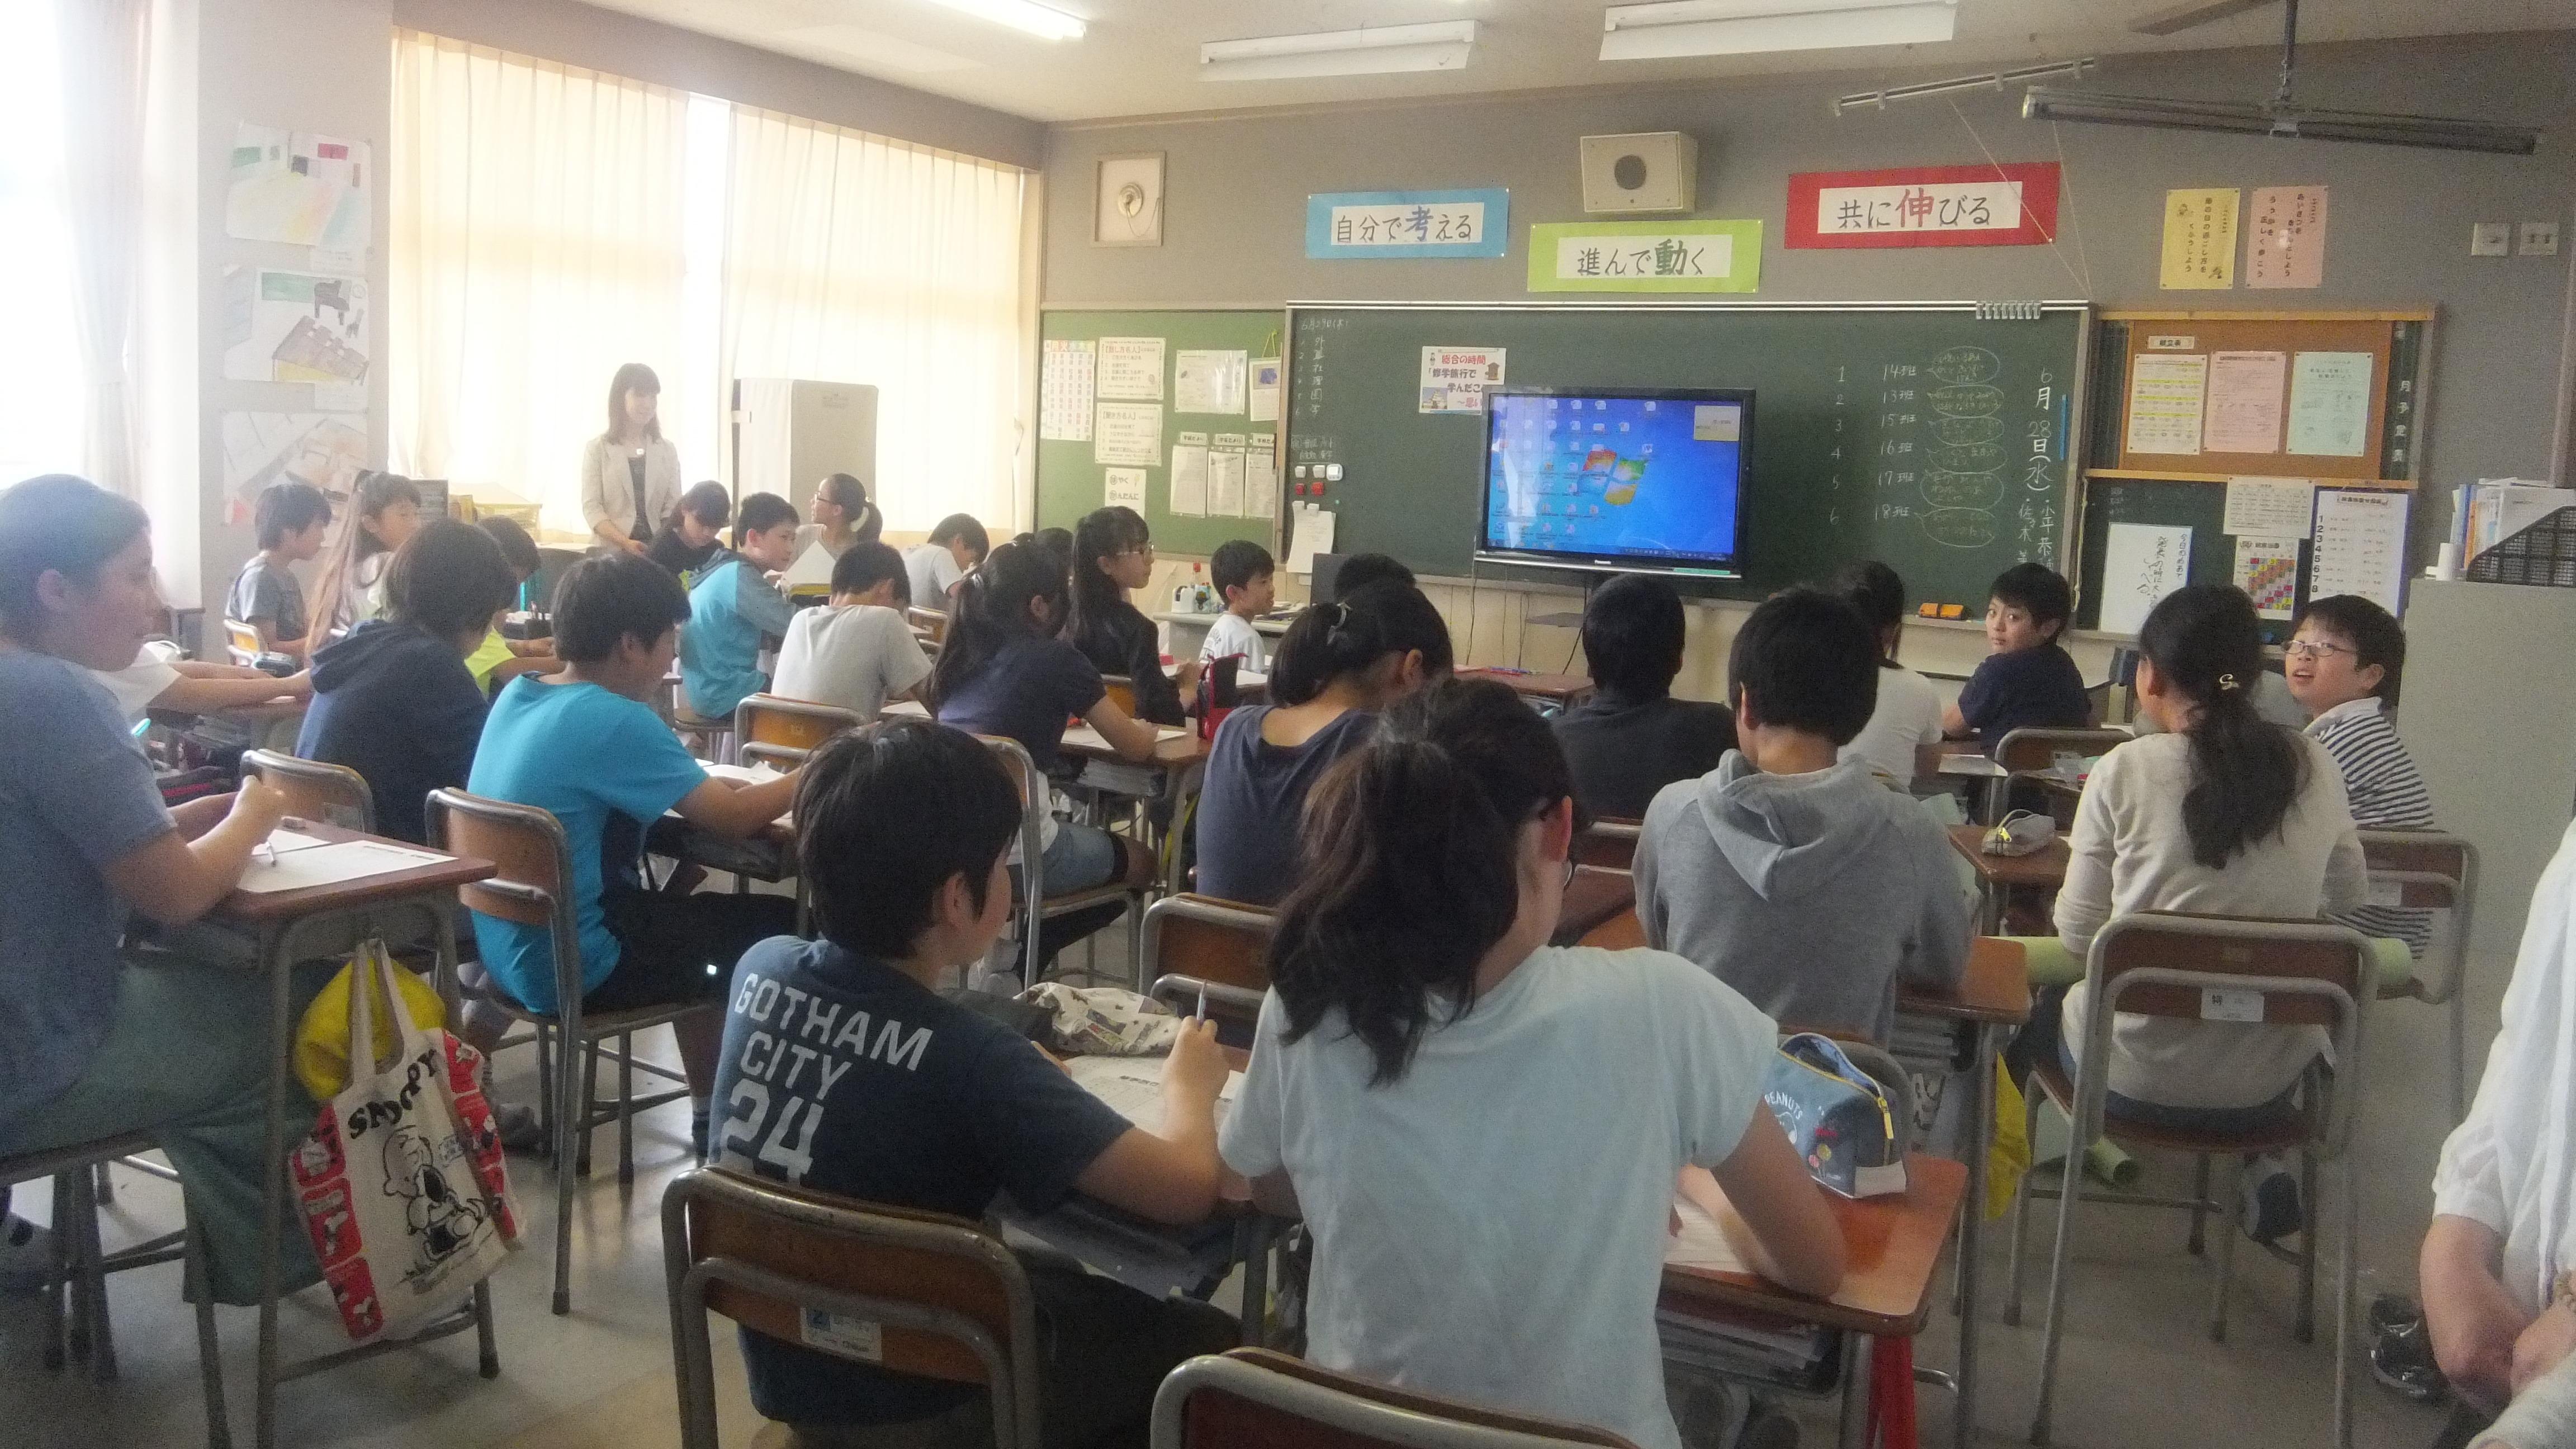 20.6学年授業参観.JPG